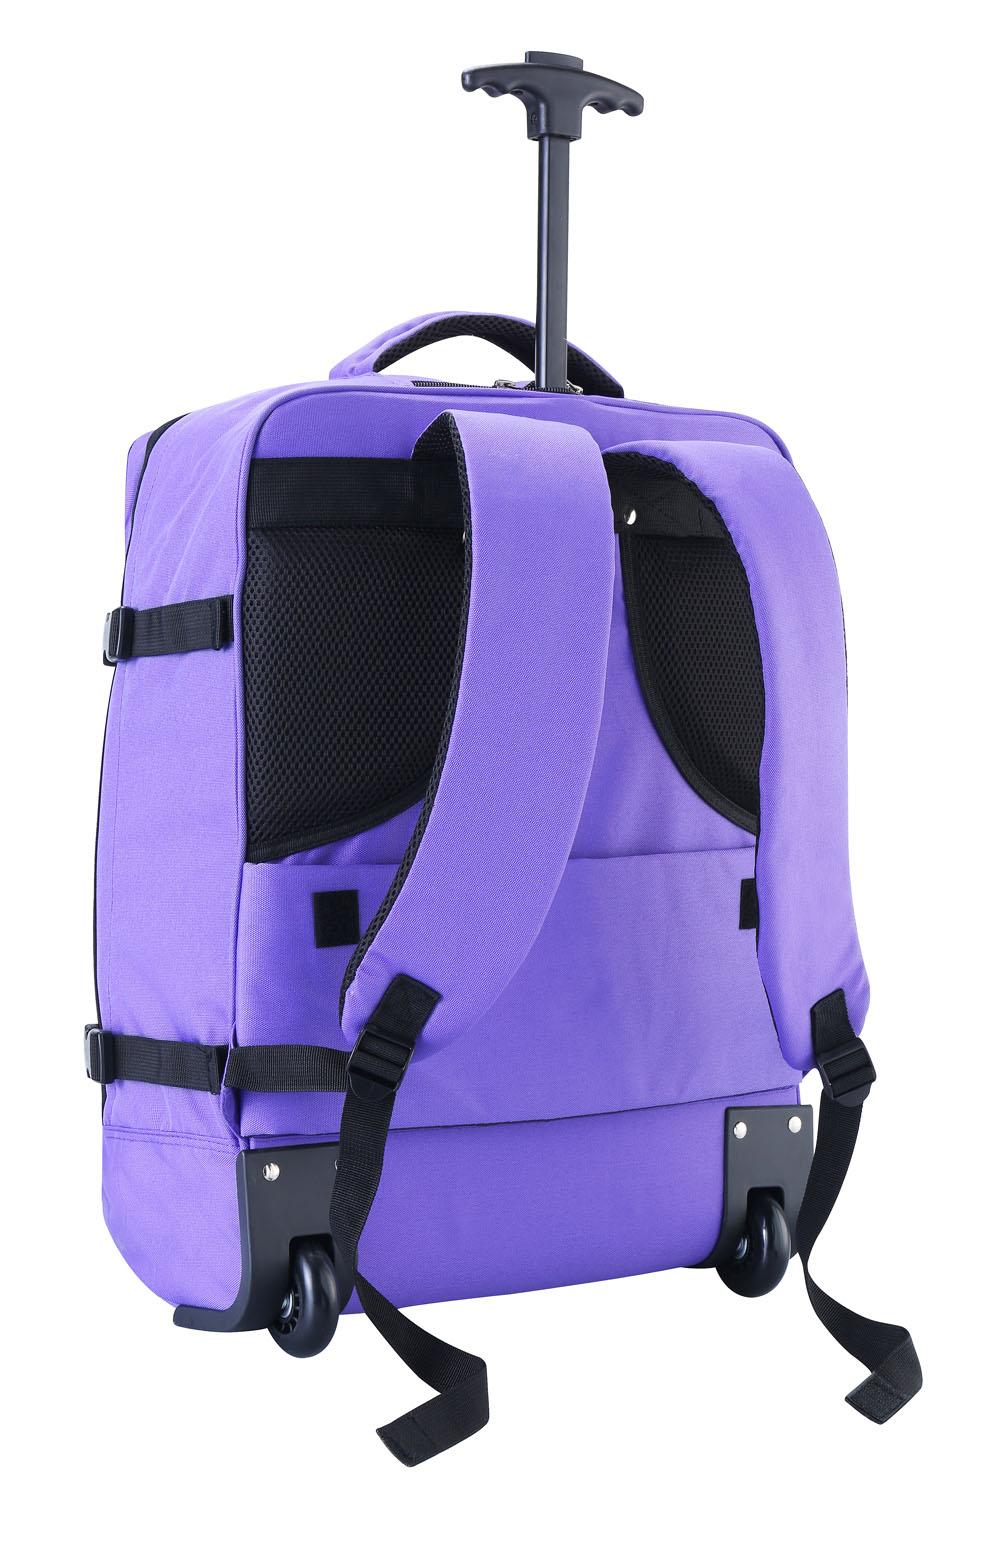 4b47b14f4010f Размеры рюкзака отвечают указанным в лимитах ручной клади и рюкзак легко  размещается ...